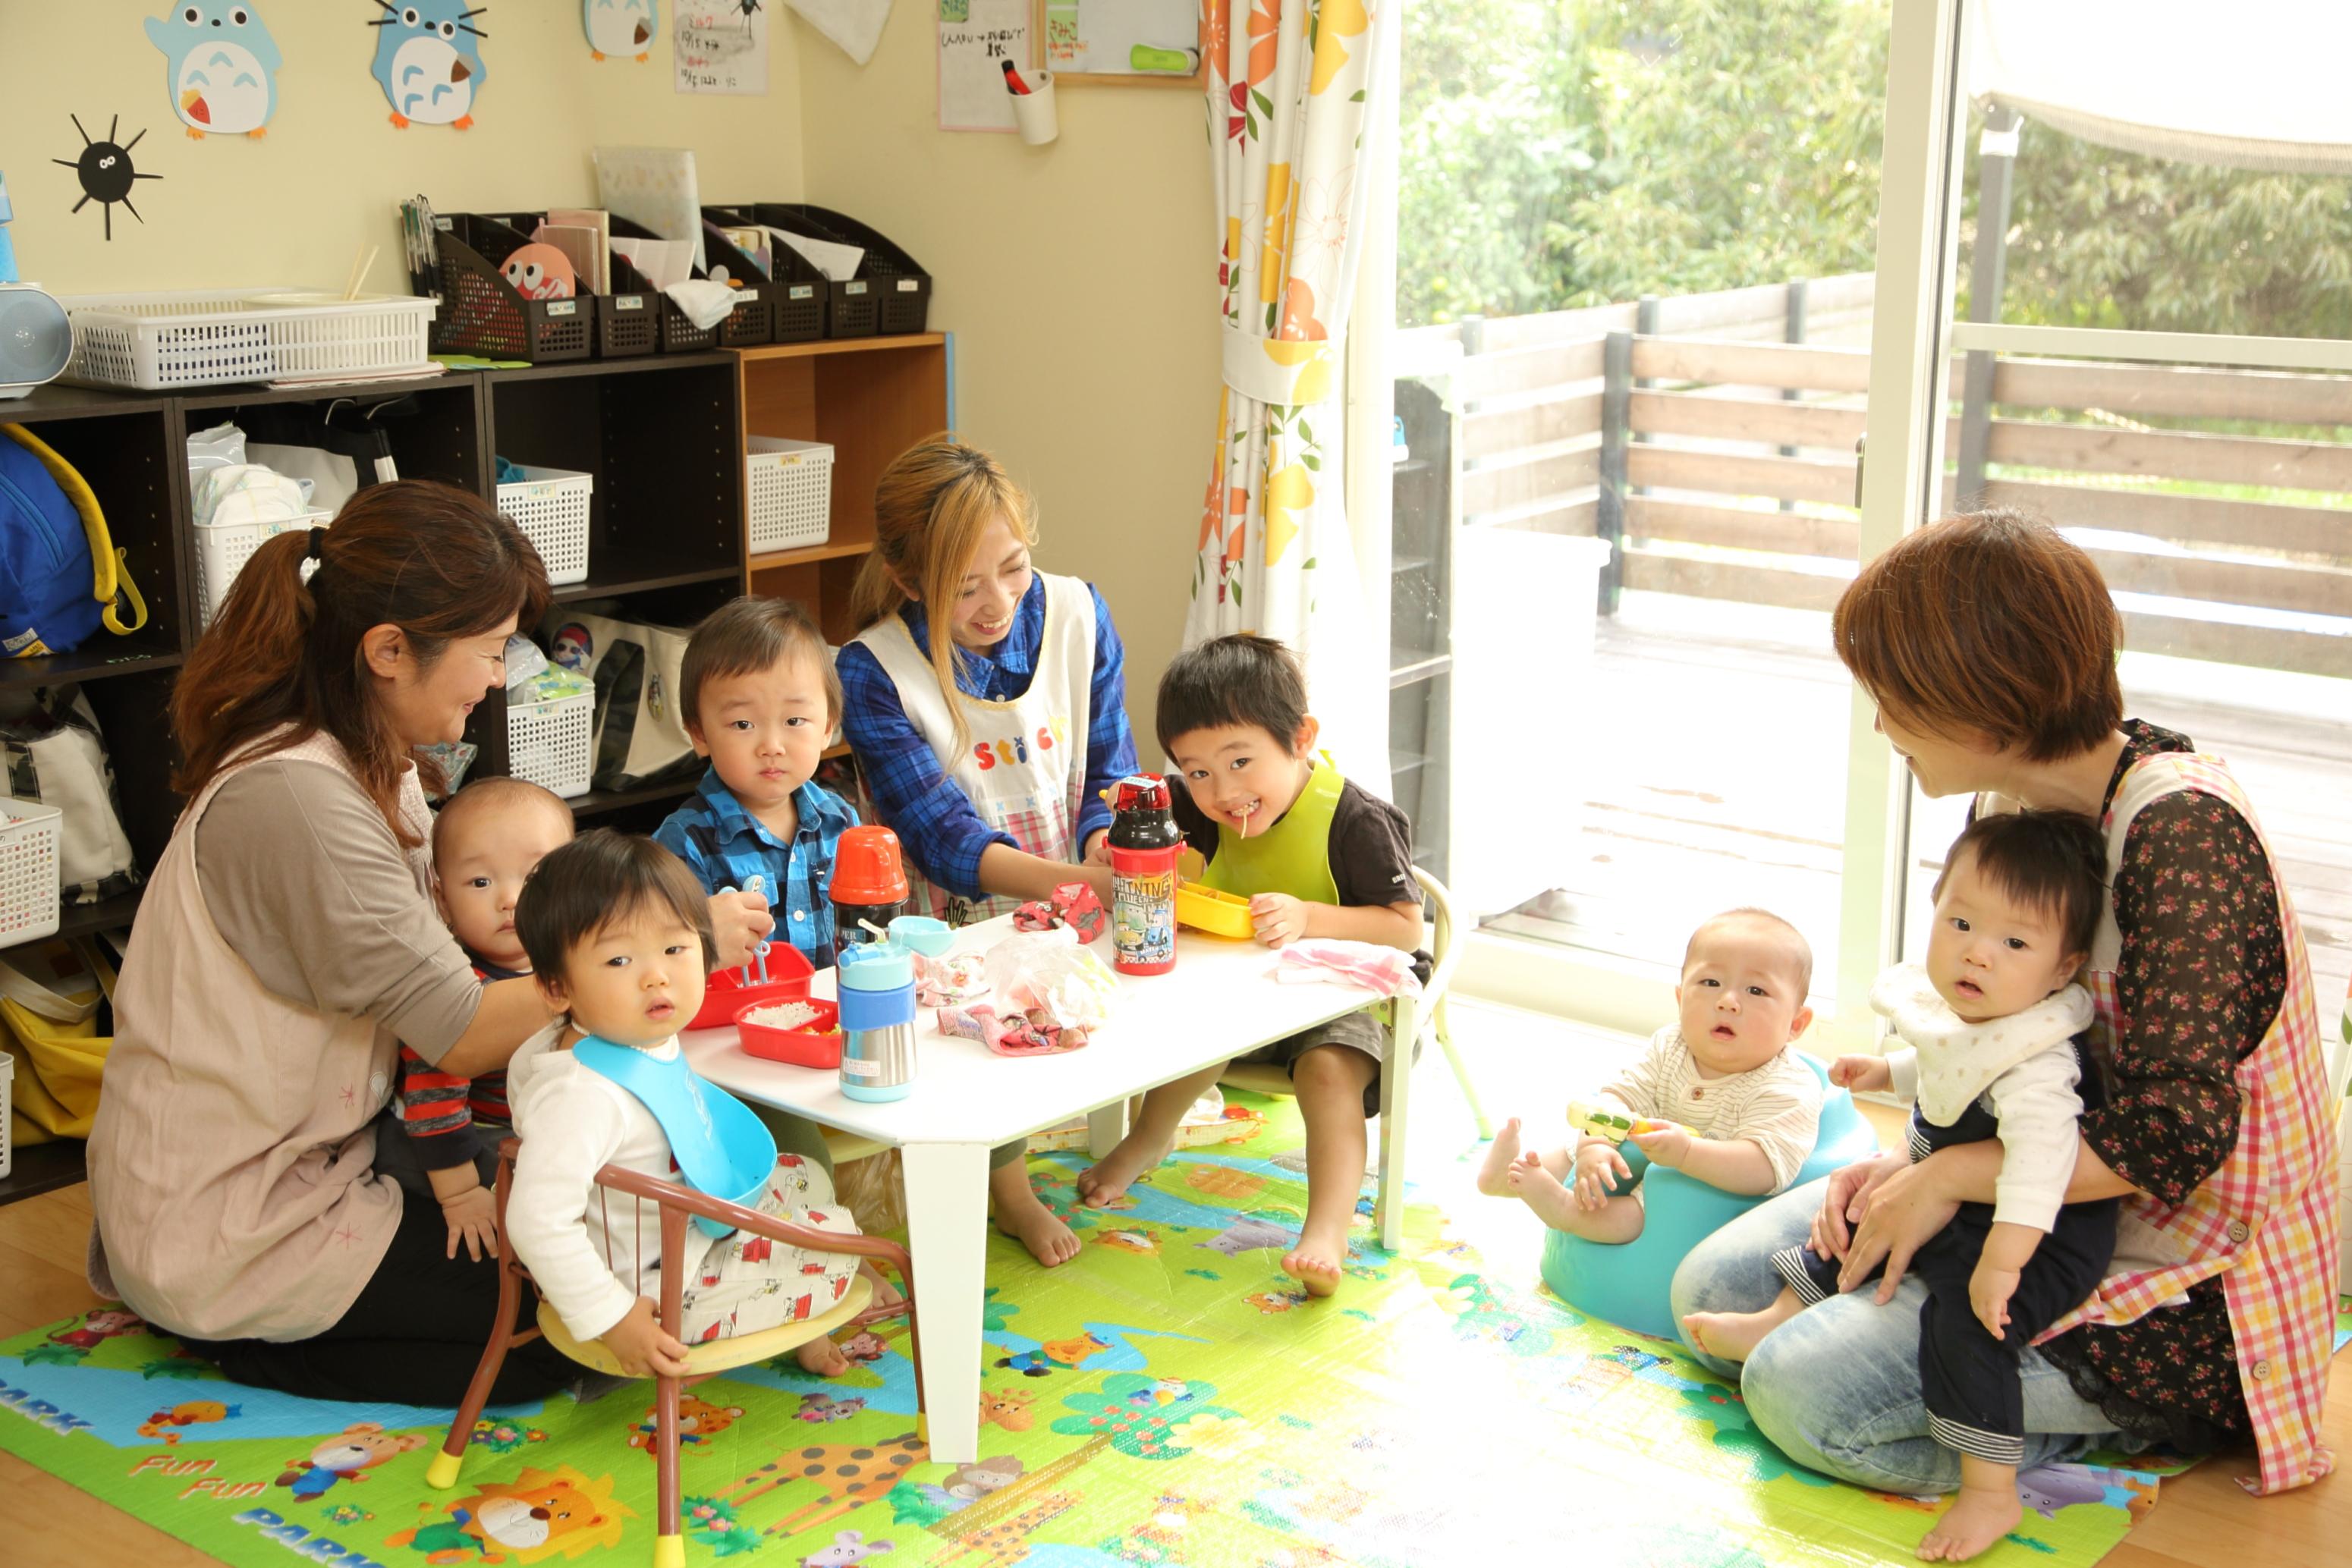 託児所の予約受付は2カ月前。ママスタッフの本田さんいわく、「当日の急な発熱でも、感染する病気でなければ預かってくれることがほとんどです」